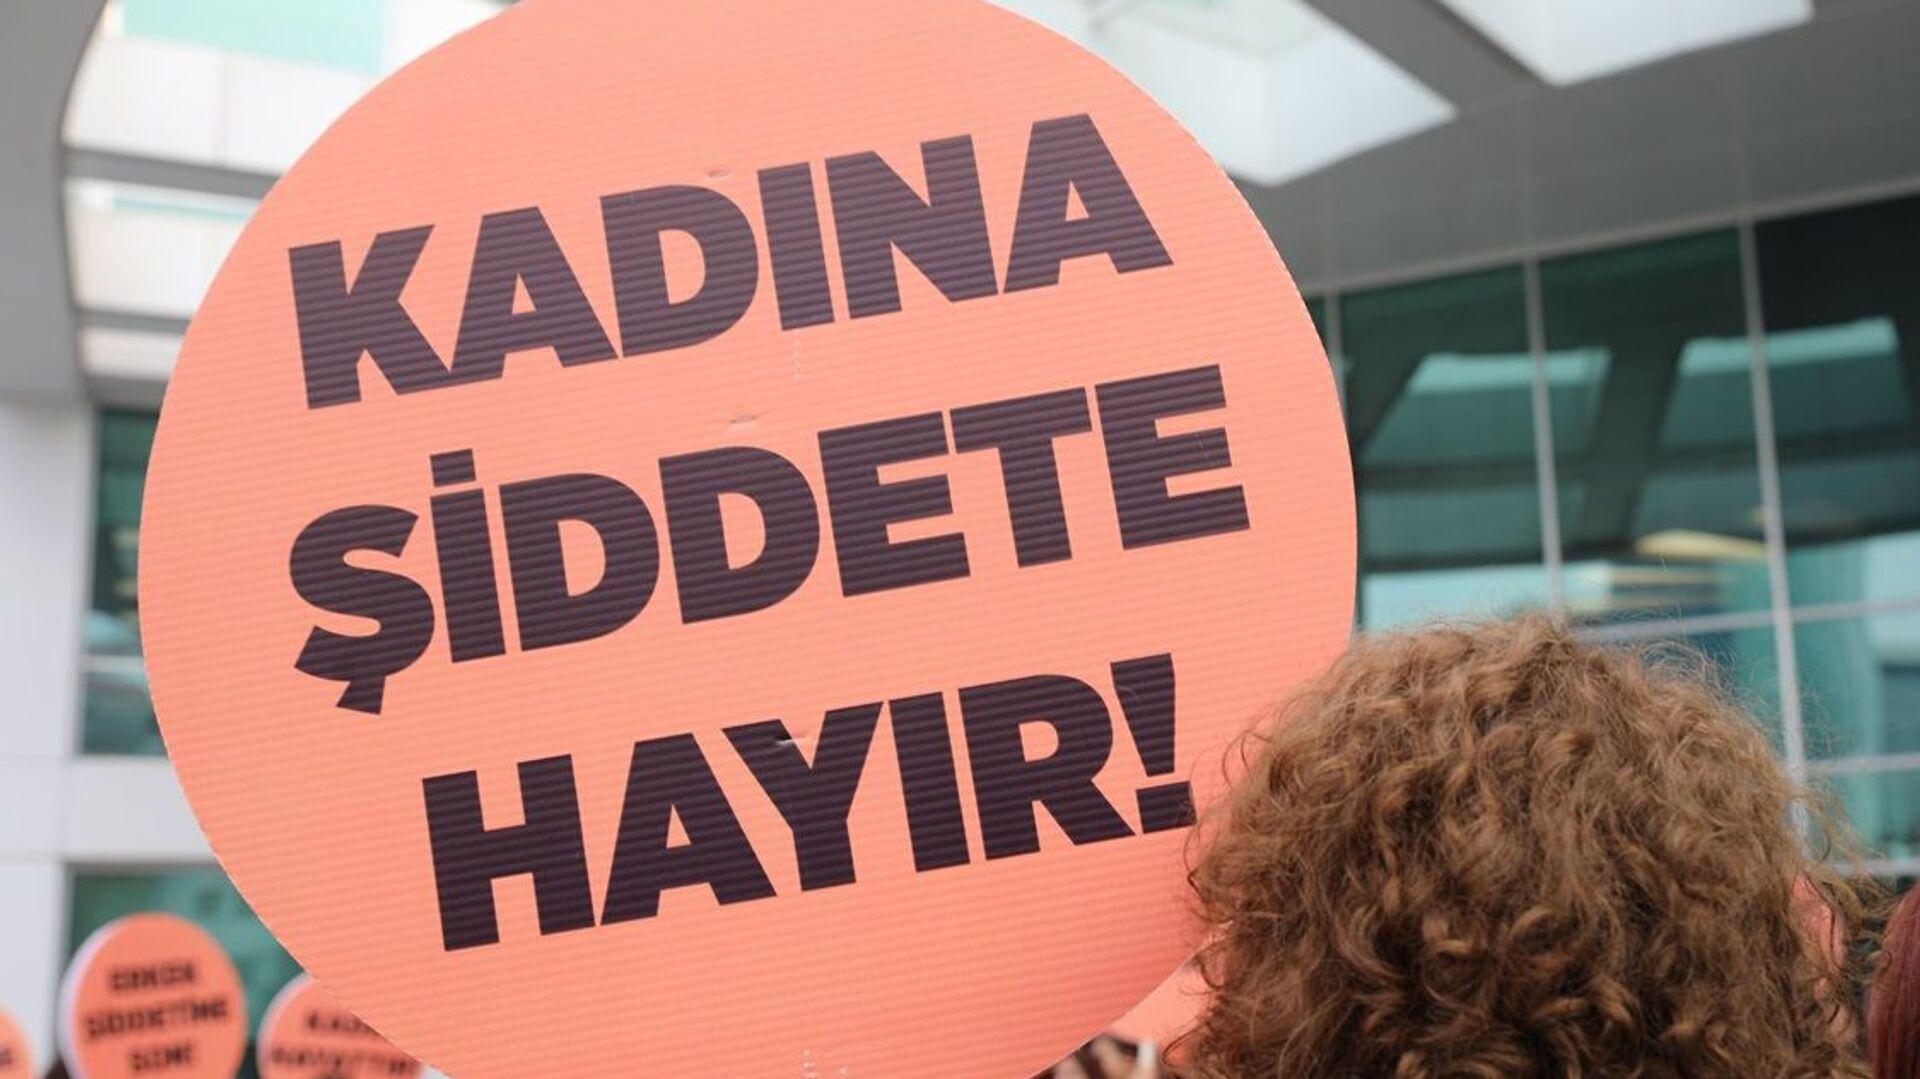 Kadına şiddete hayır pankartı - Sputnik Türkiye, 1920, 02.06.2021